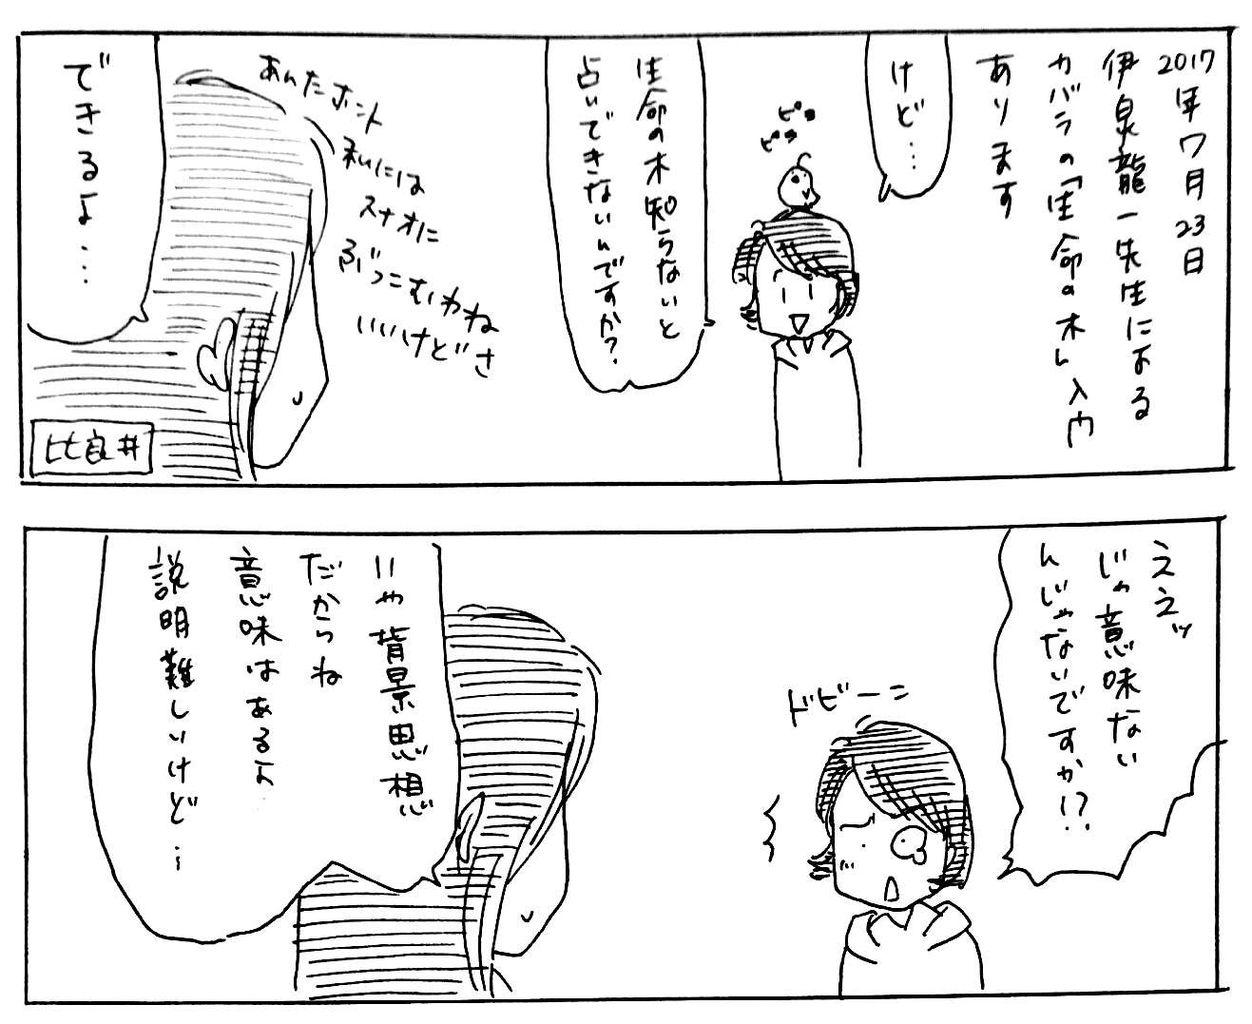 新規ドキュメント_273切り抜き